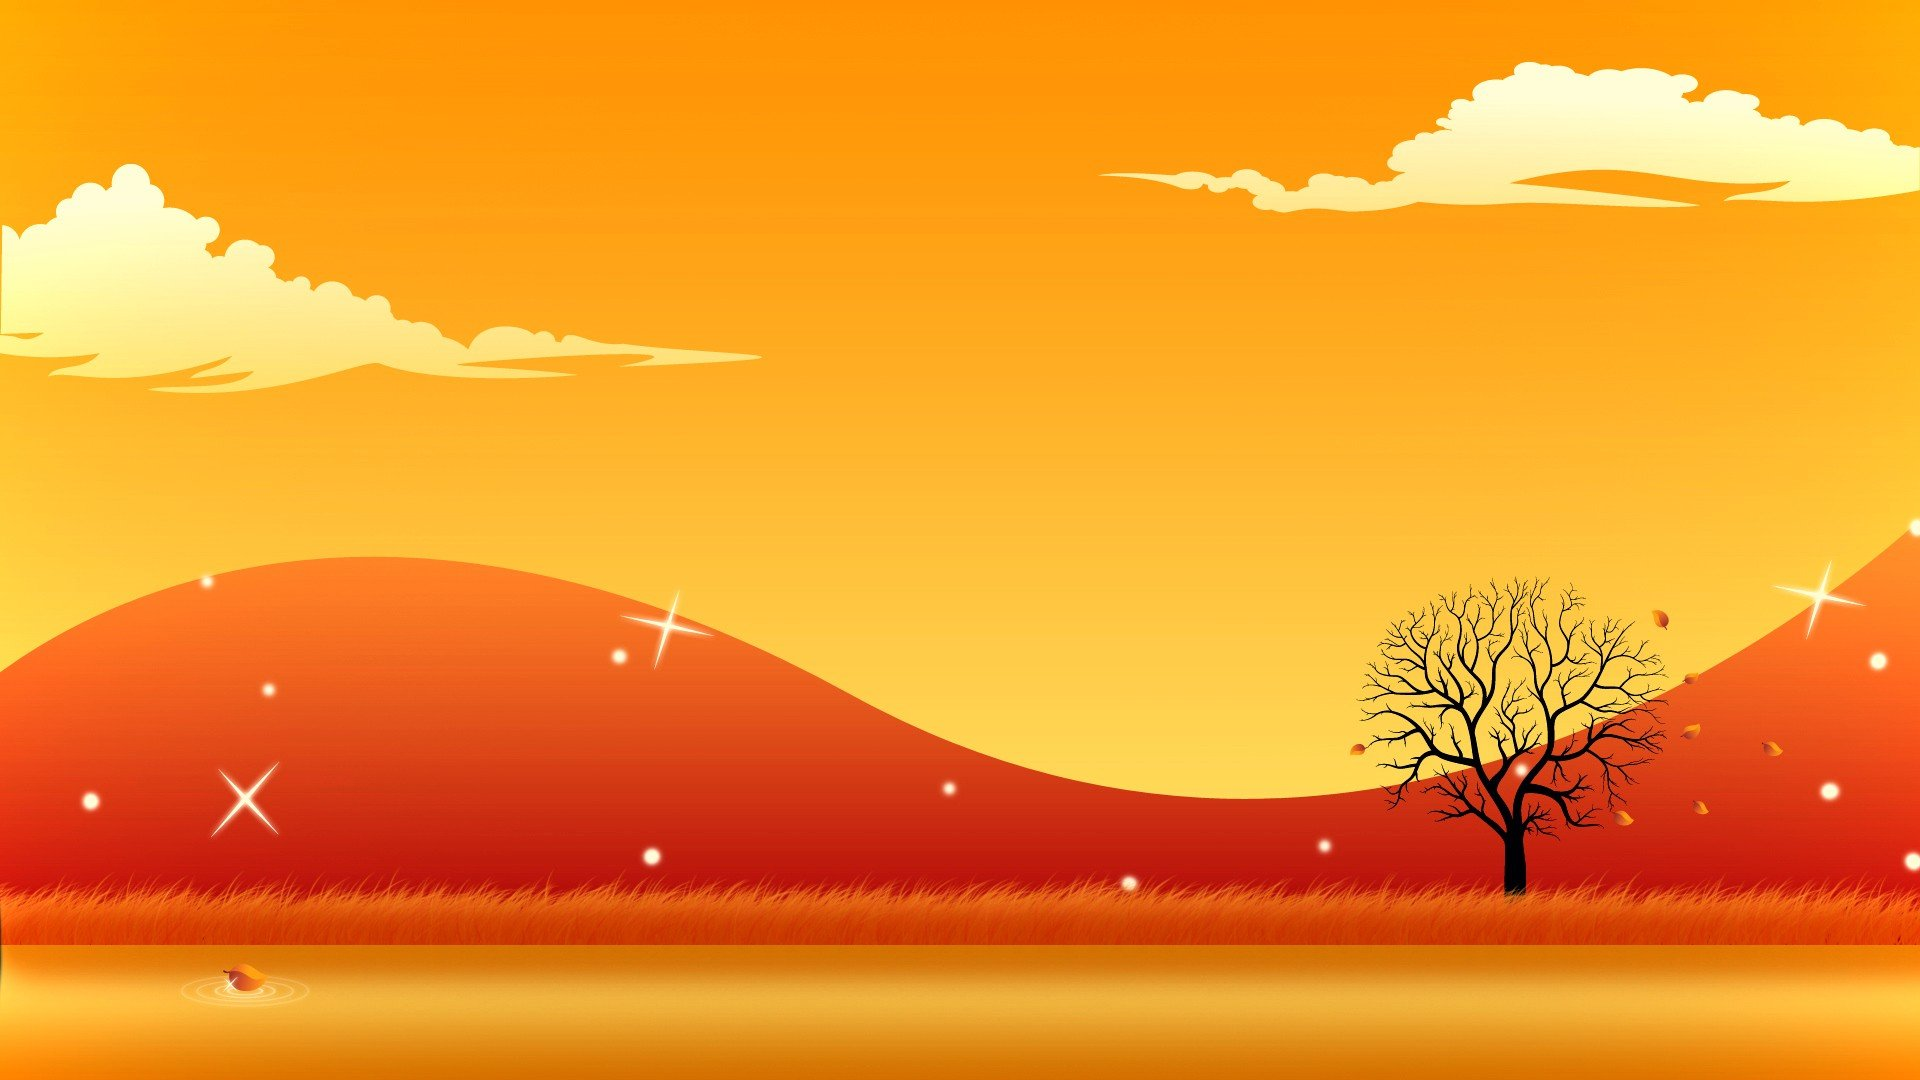 vector art desktop wallpaper - photo #40